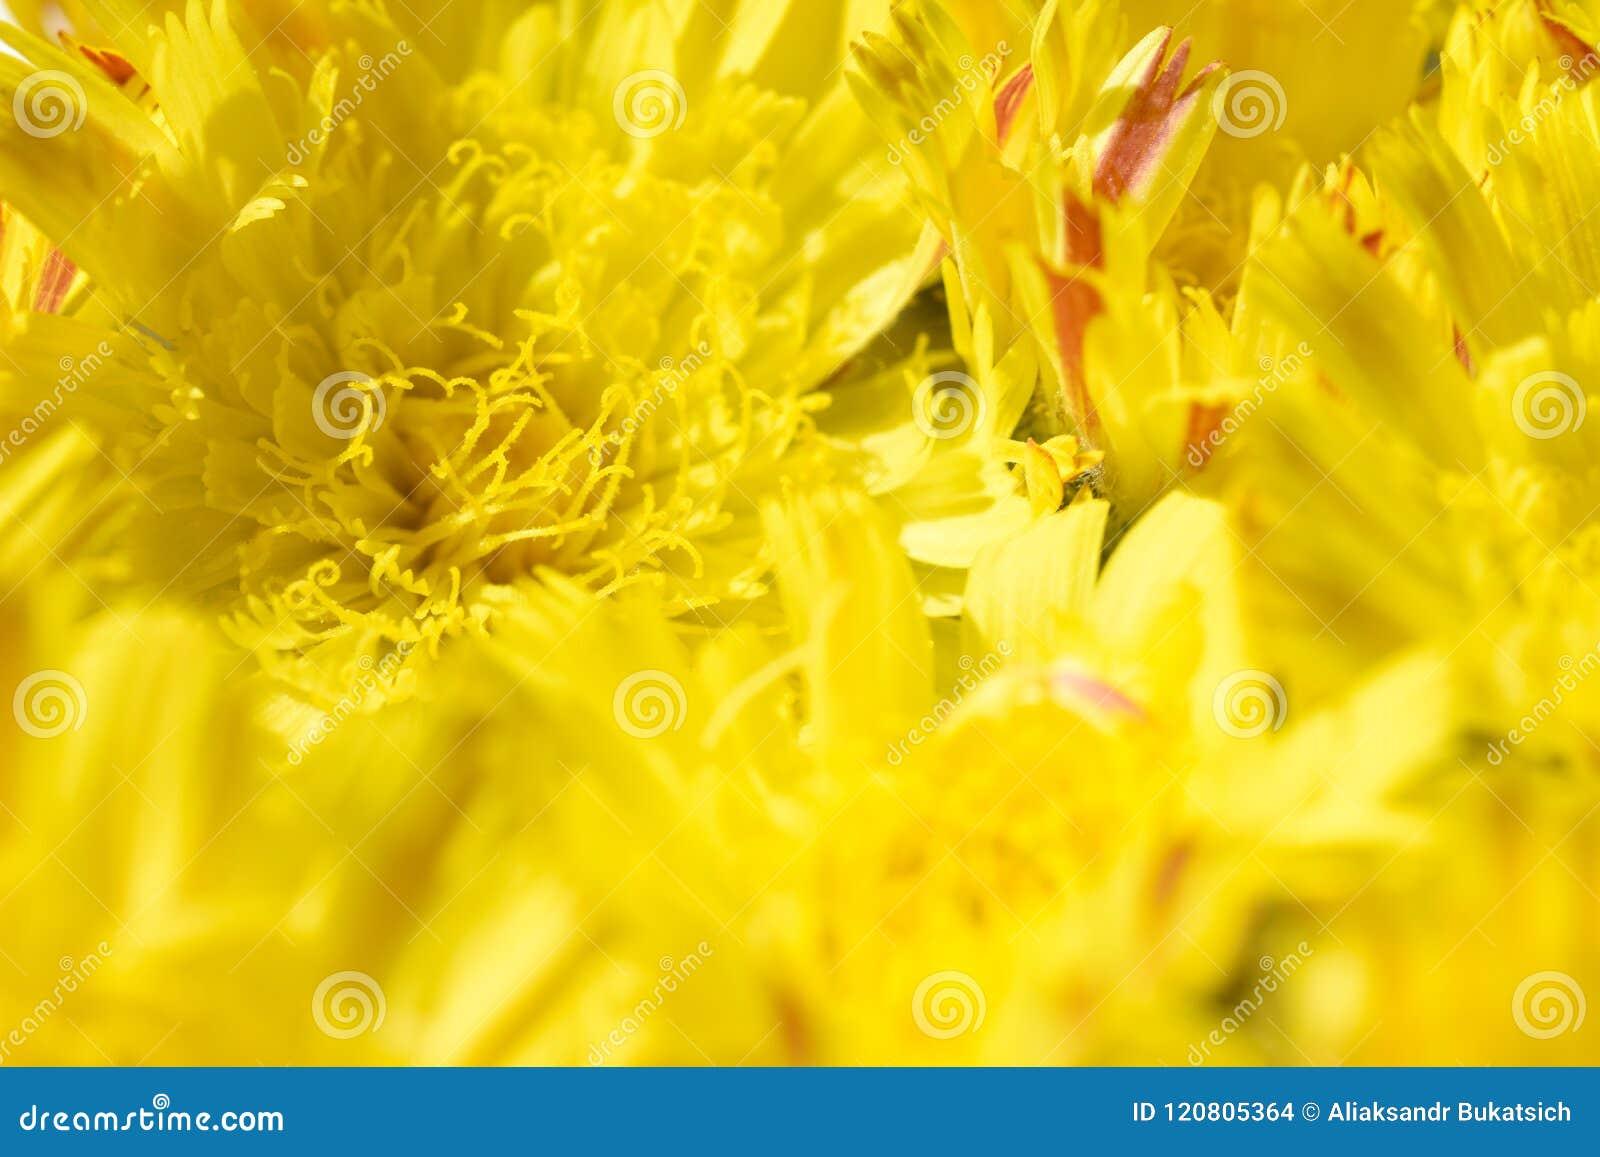 花黄色雏菊被隔绝的背景与一个黄色核心和橙色瓣的